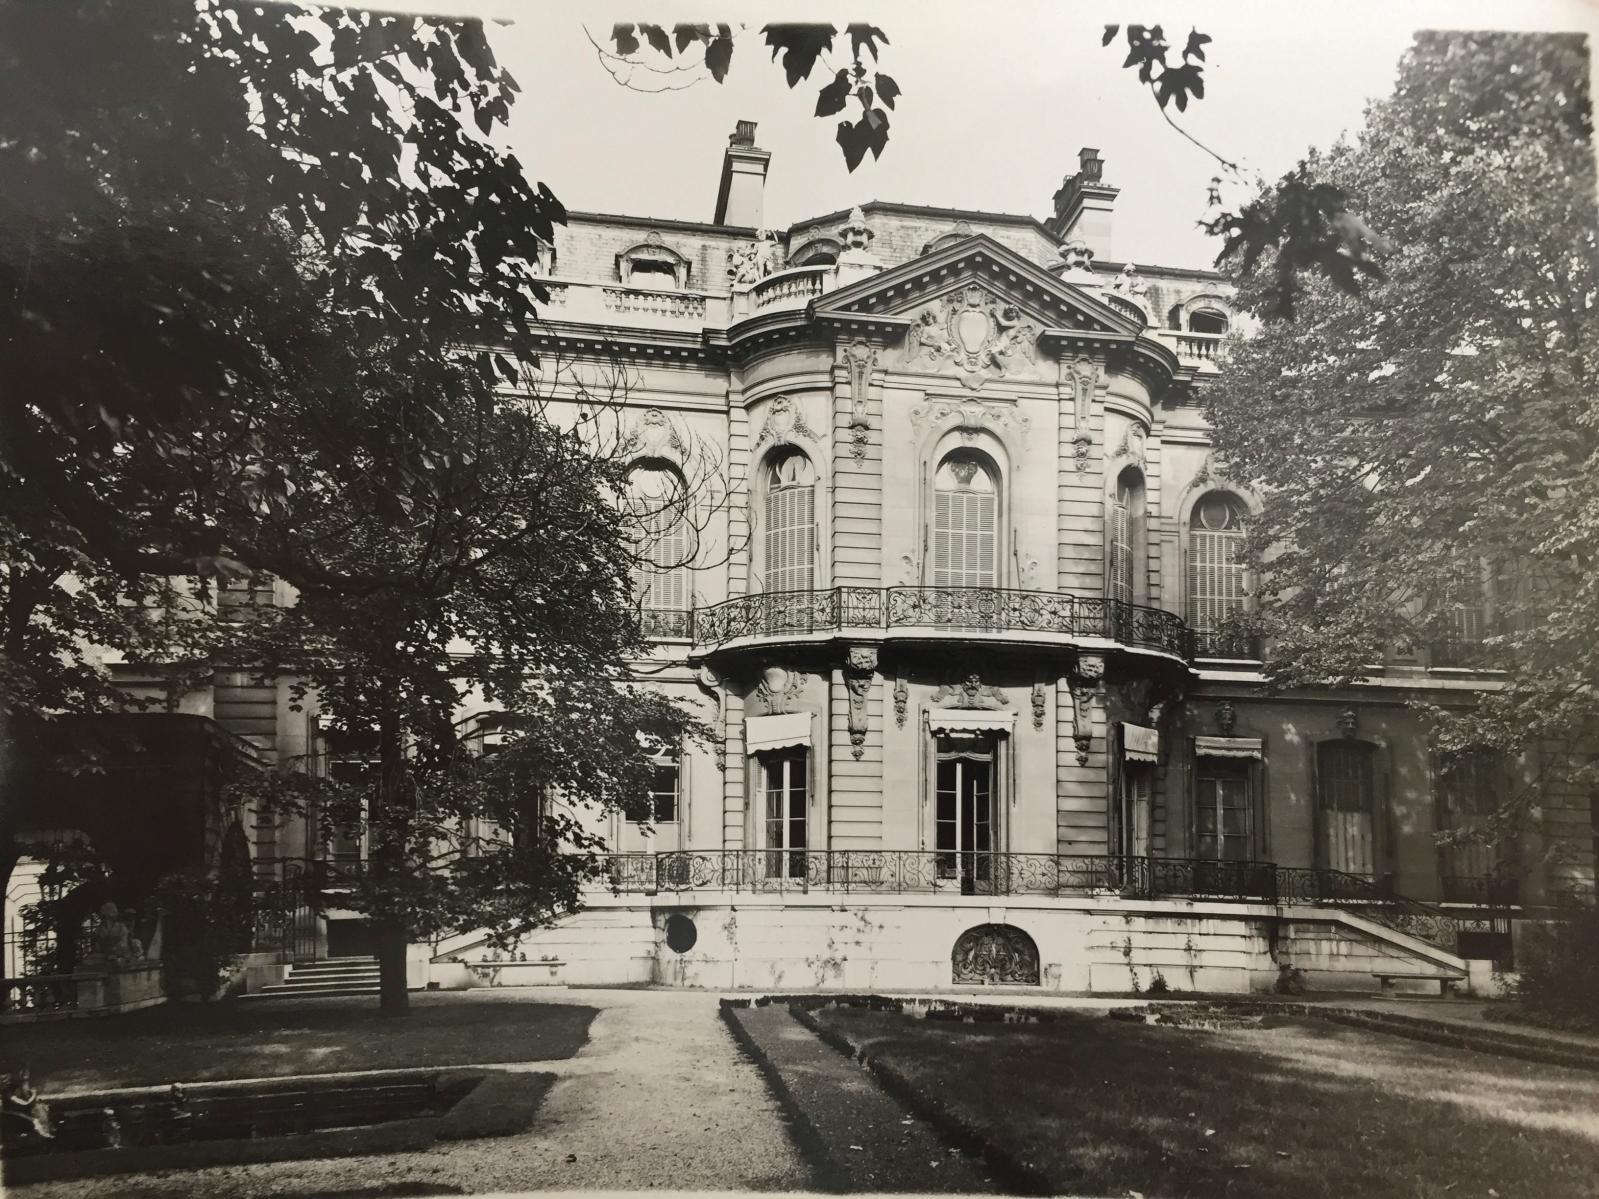 La façade sur jardin de l'hôtel Porgès, d'après les plans les plans d'Ernest Sanson.